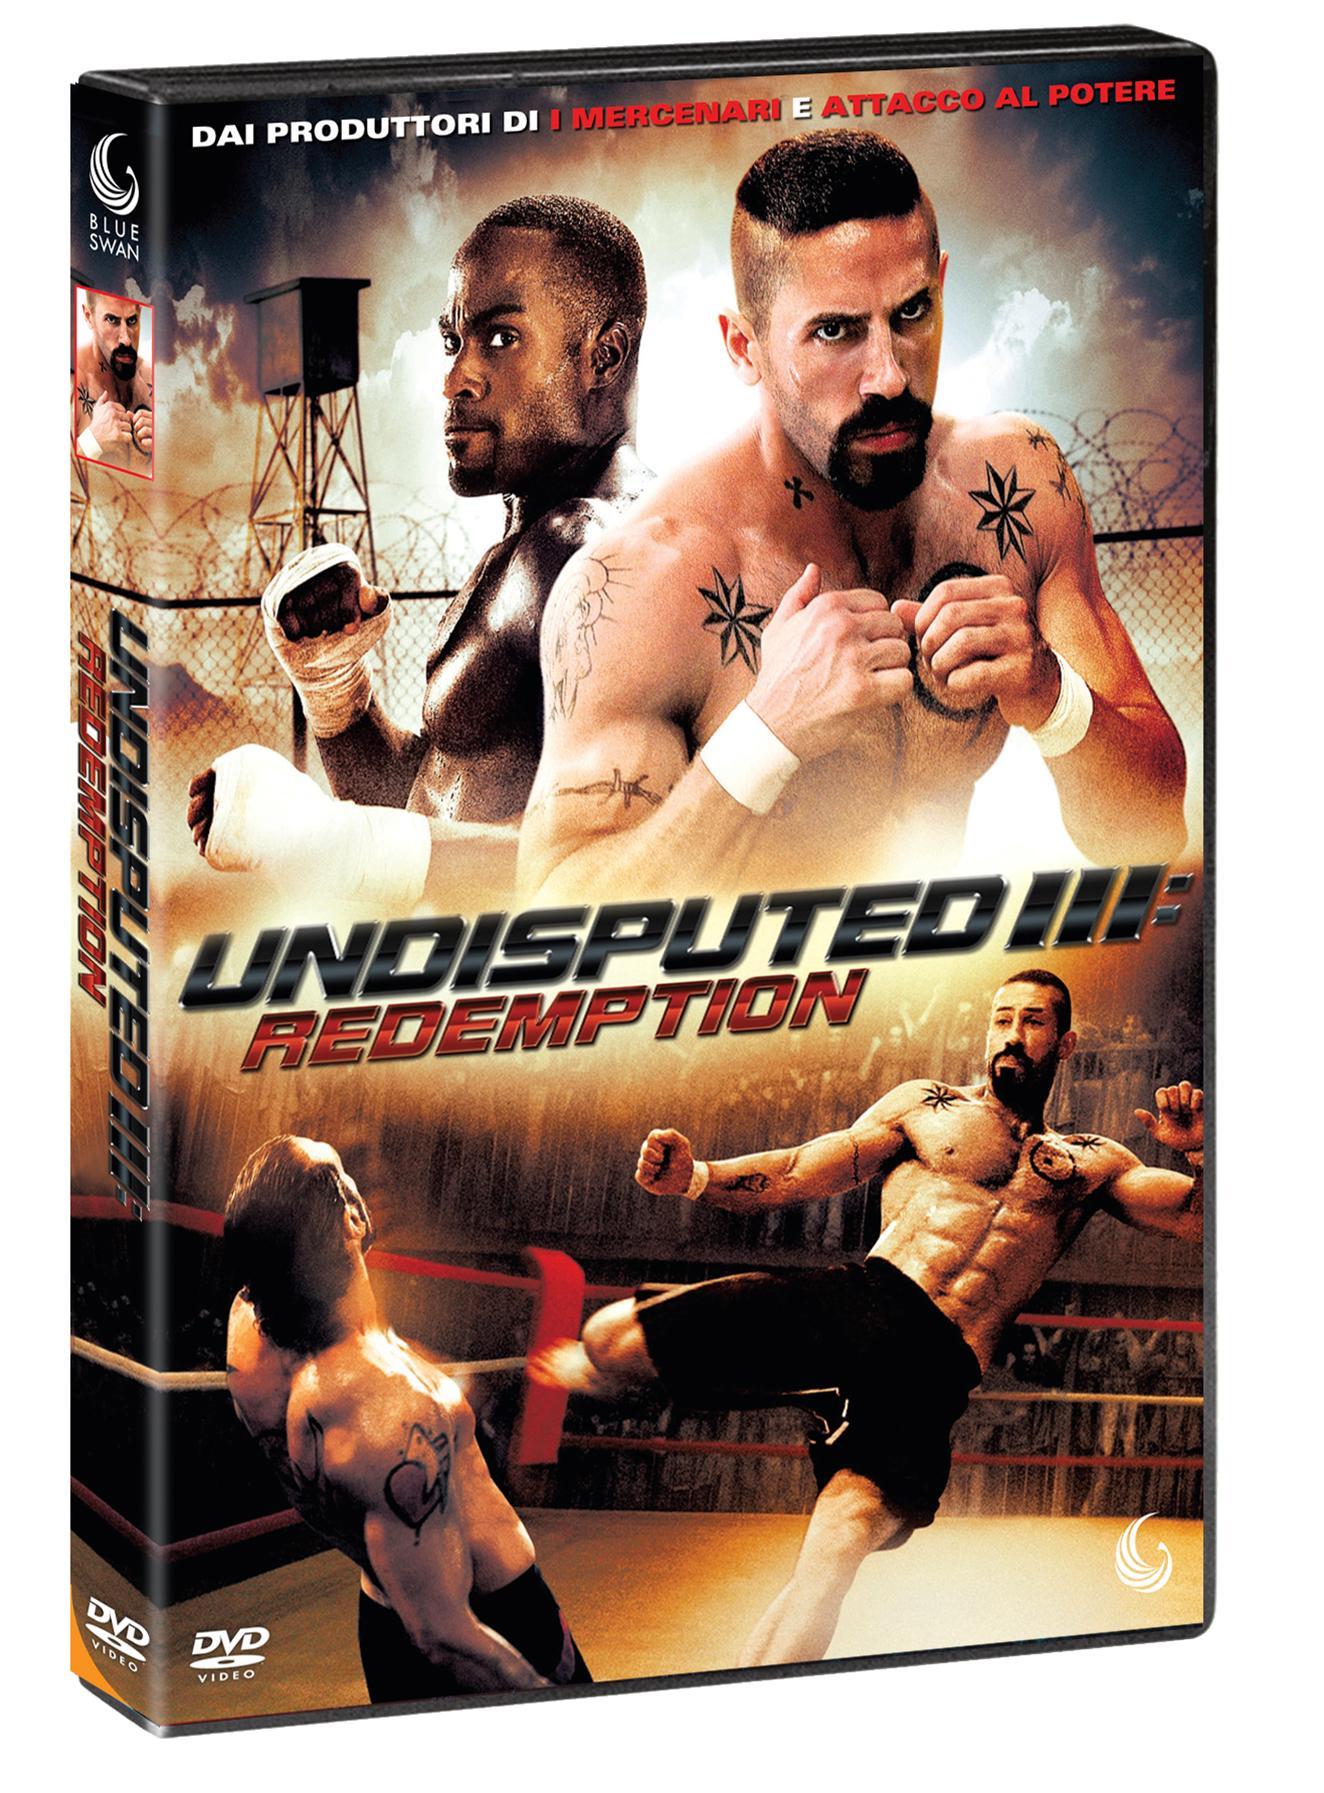 UNDISPUTED 3 - REDEMPTION (DVD)